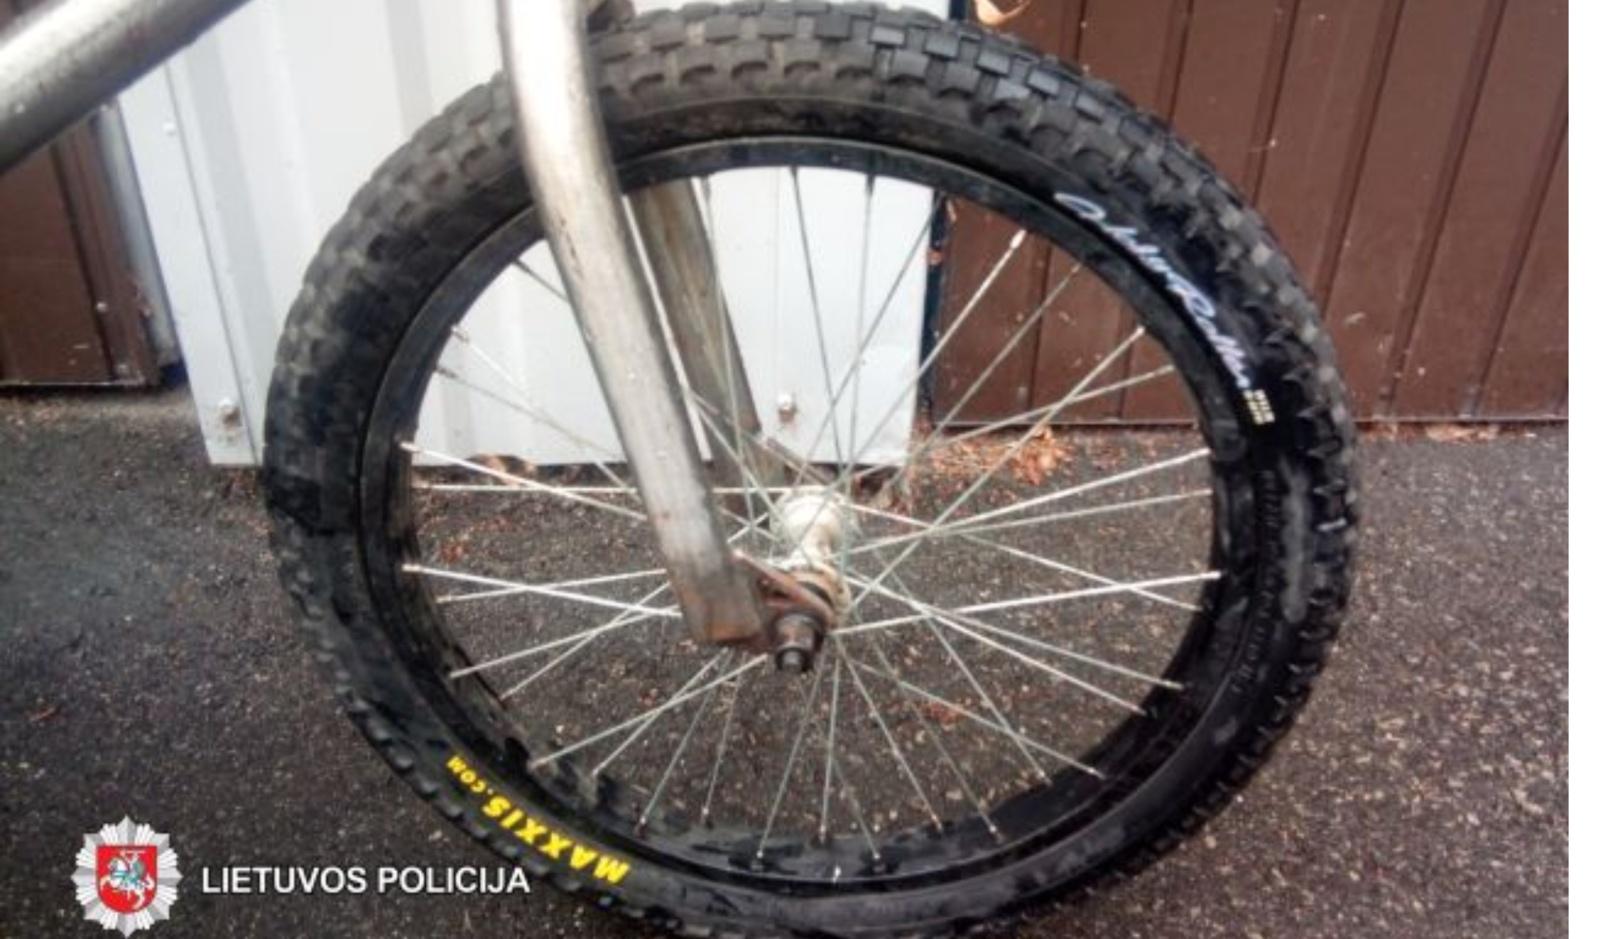 Partrenkusi mažametį dviratininką, vairuotoja iš įvykio vietos pasišalino